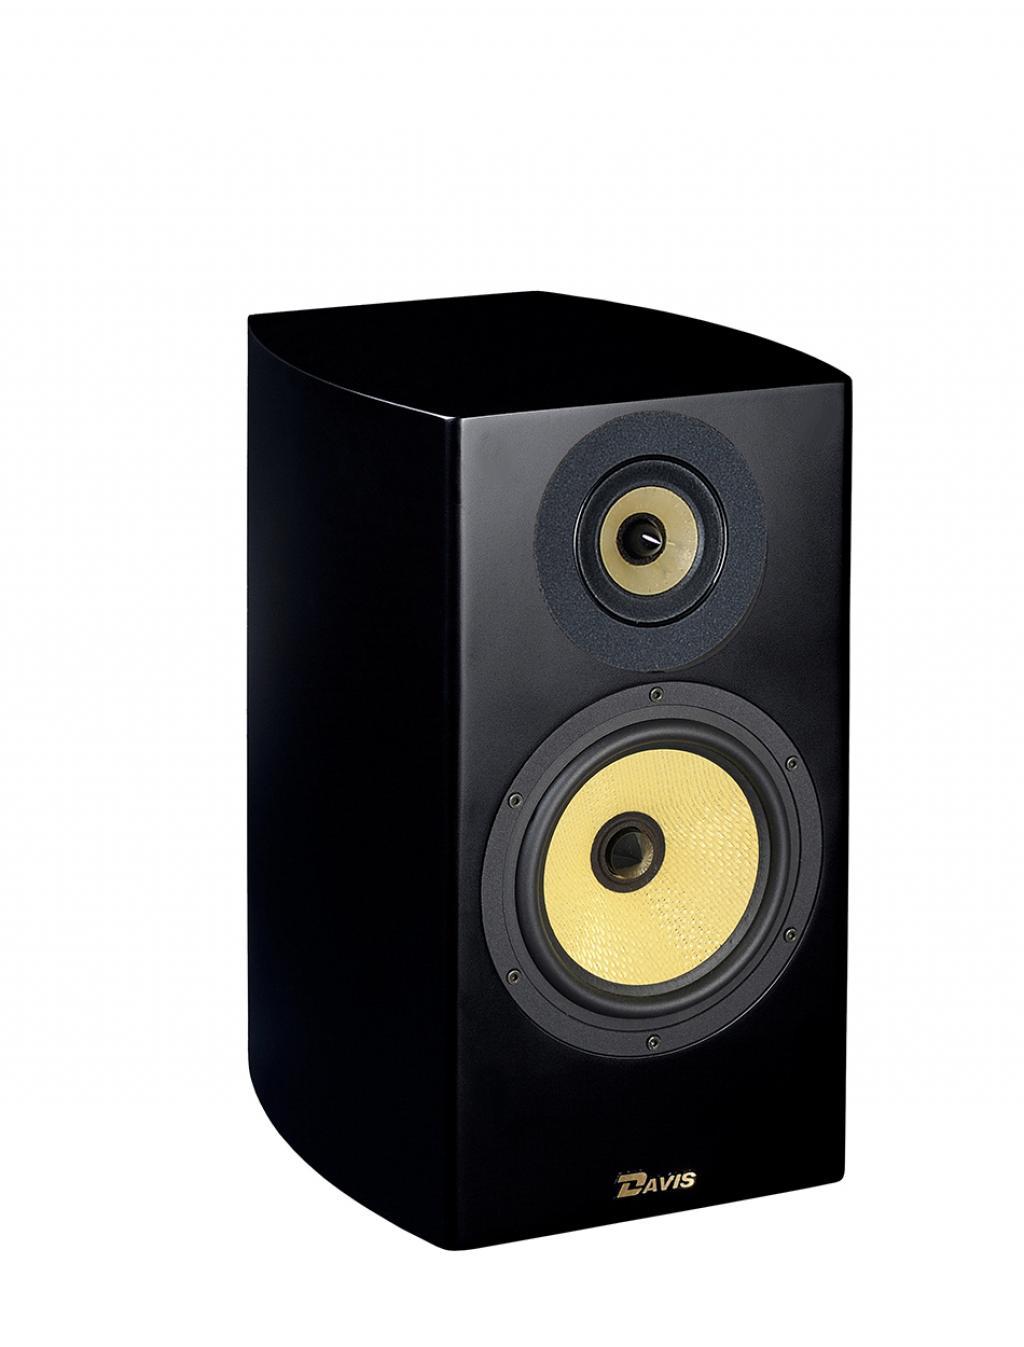 Boxe Davis Acoustics Monitor Premium Black Piano